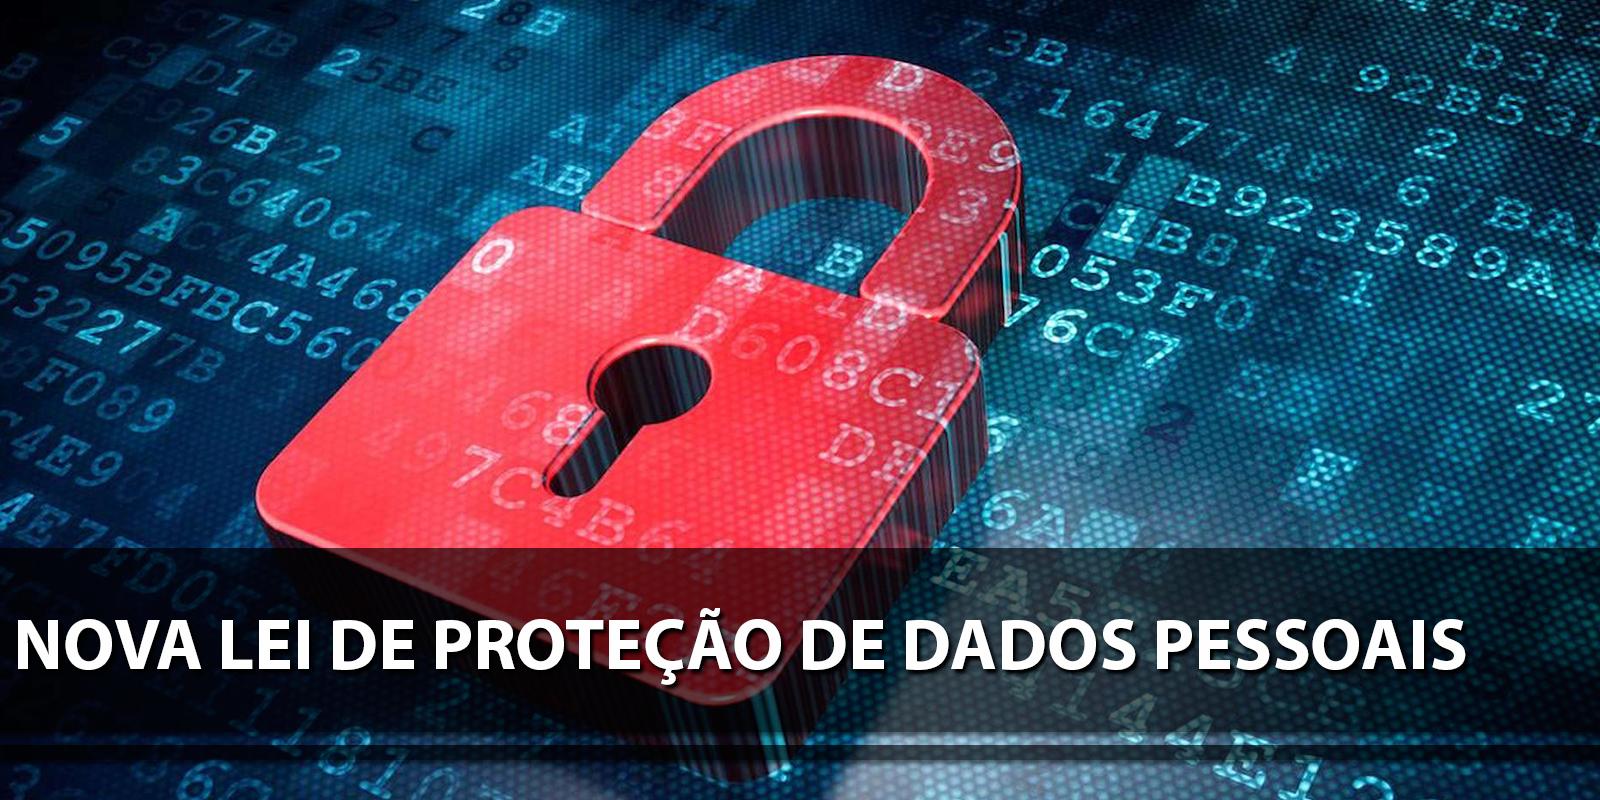 O que muda com a nova lei de proteção de dados pessoais